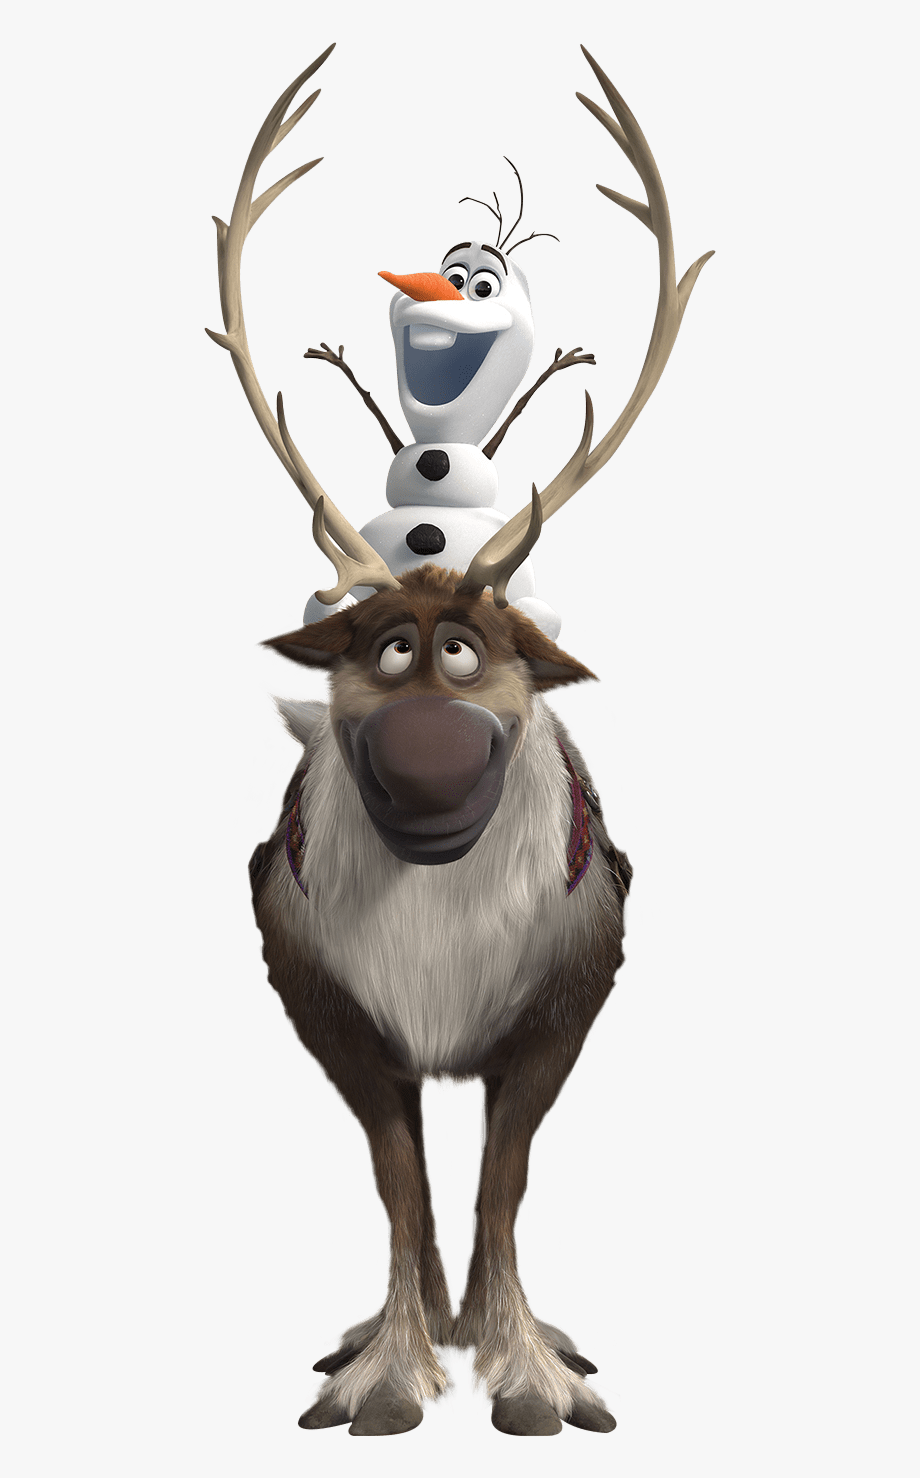 Frozen disney imagens png. Olaf clipart sven olaf